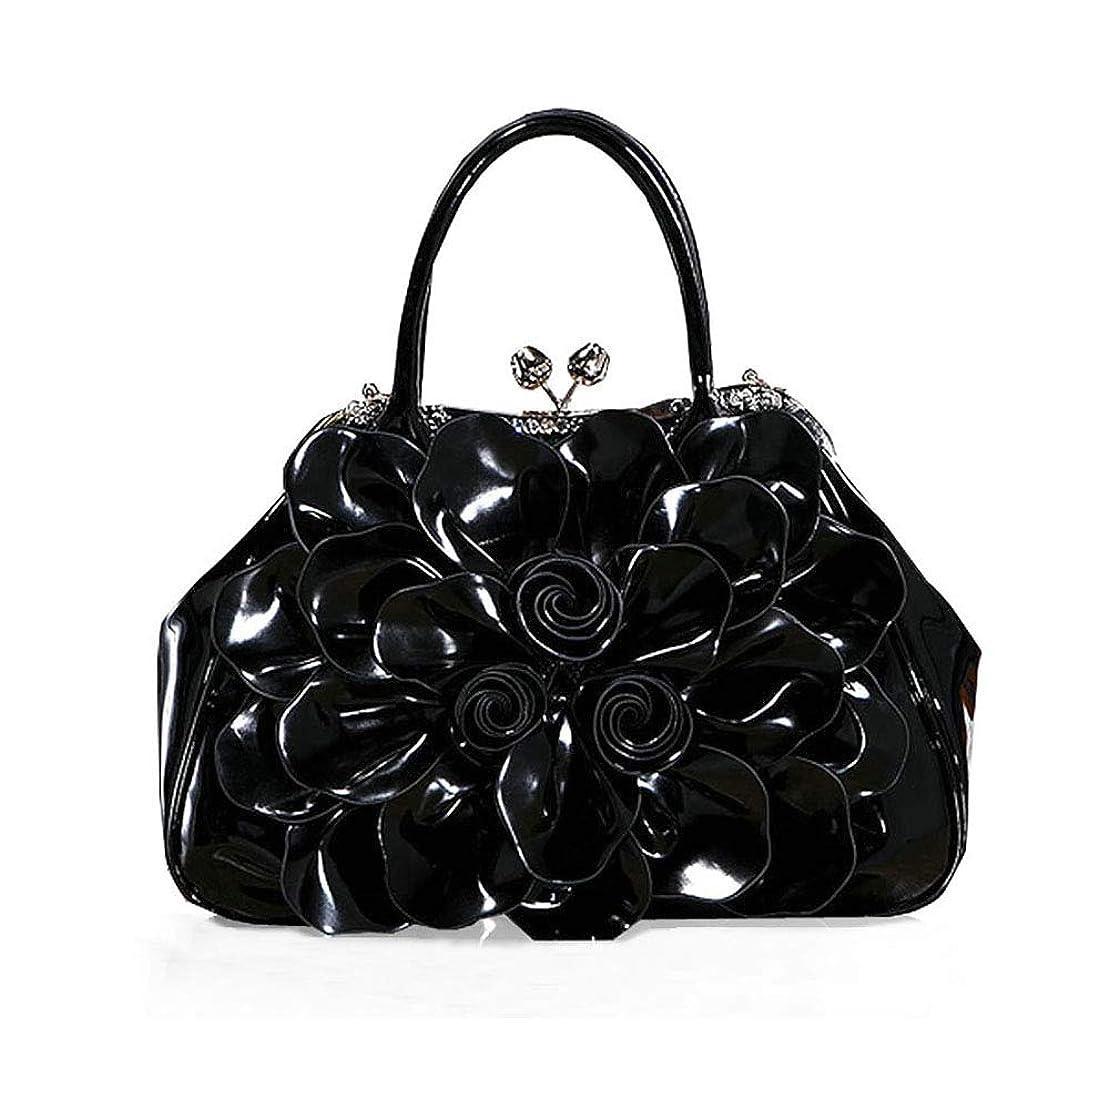 鋸歯状援助とティーム女性のフラワーバッグ、デザイナーのショルダーバッグ、パテントレザーのハンドバッグ、ブライダルクラッチ、結婚式のイブニングバッグ